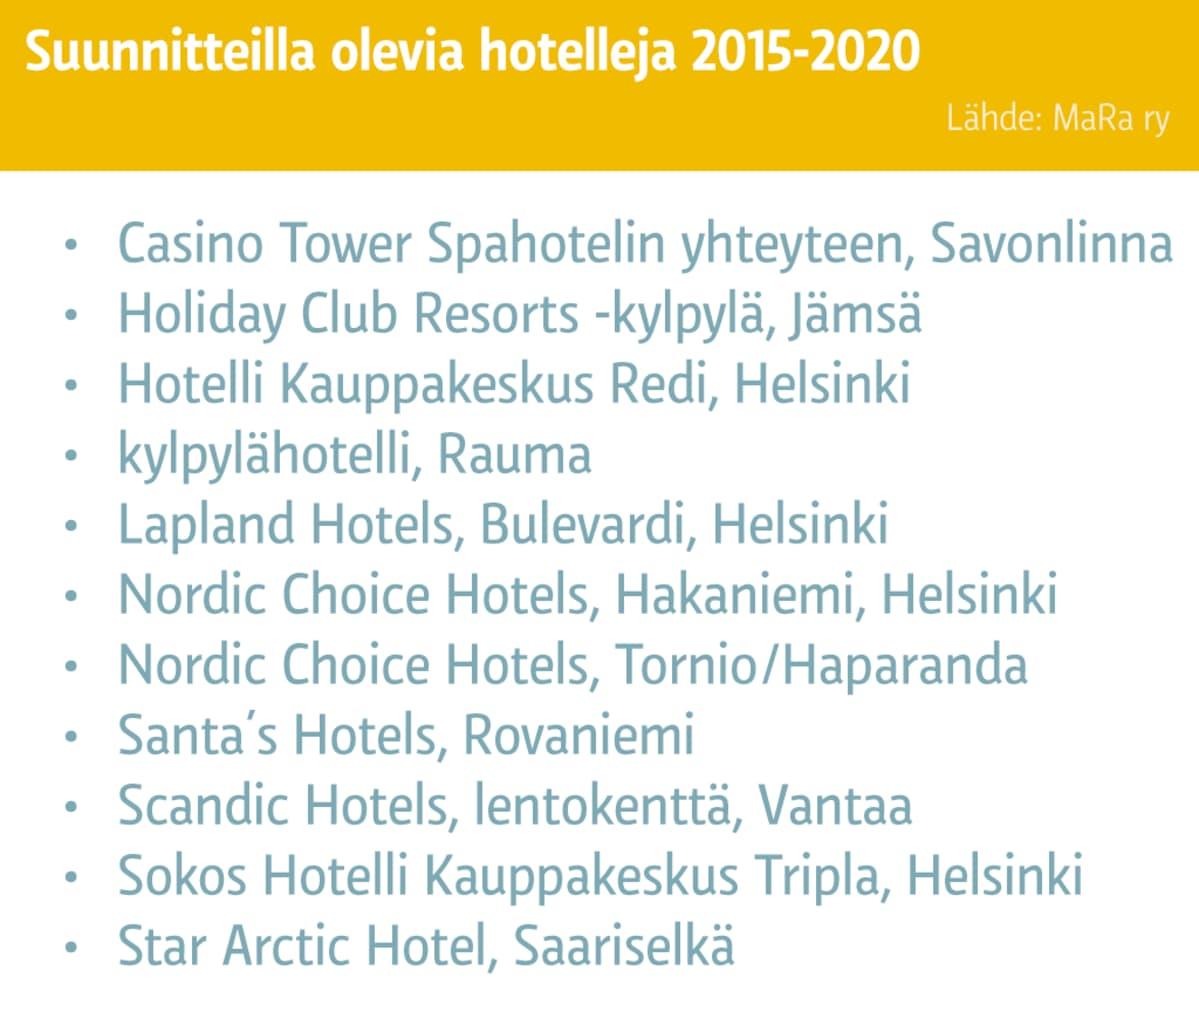 Lista suunnitteilla olevista hotelleista Suomessa 2015-2020.